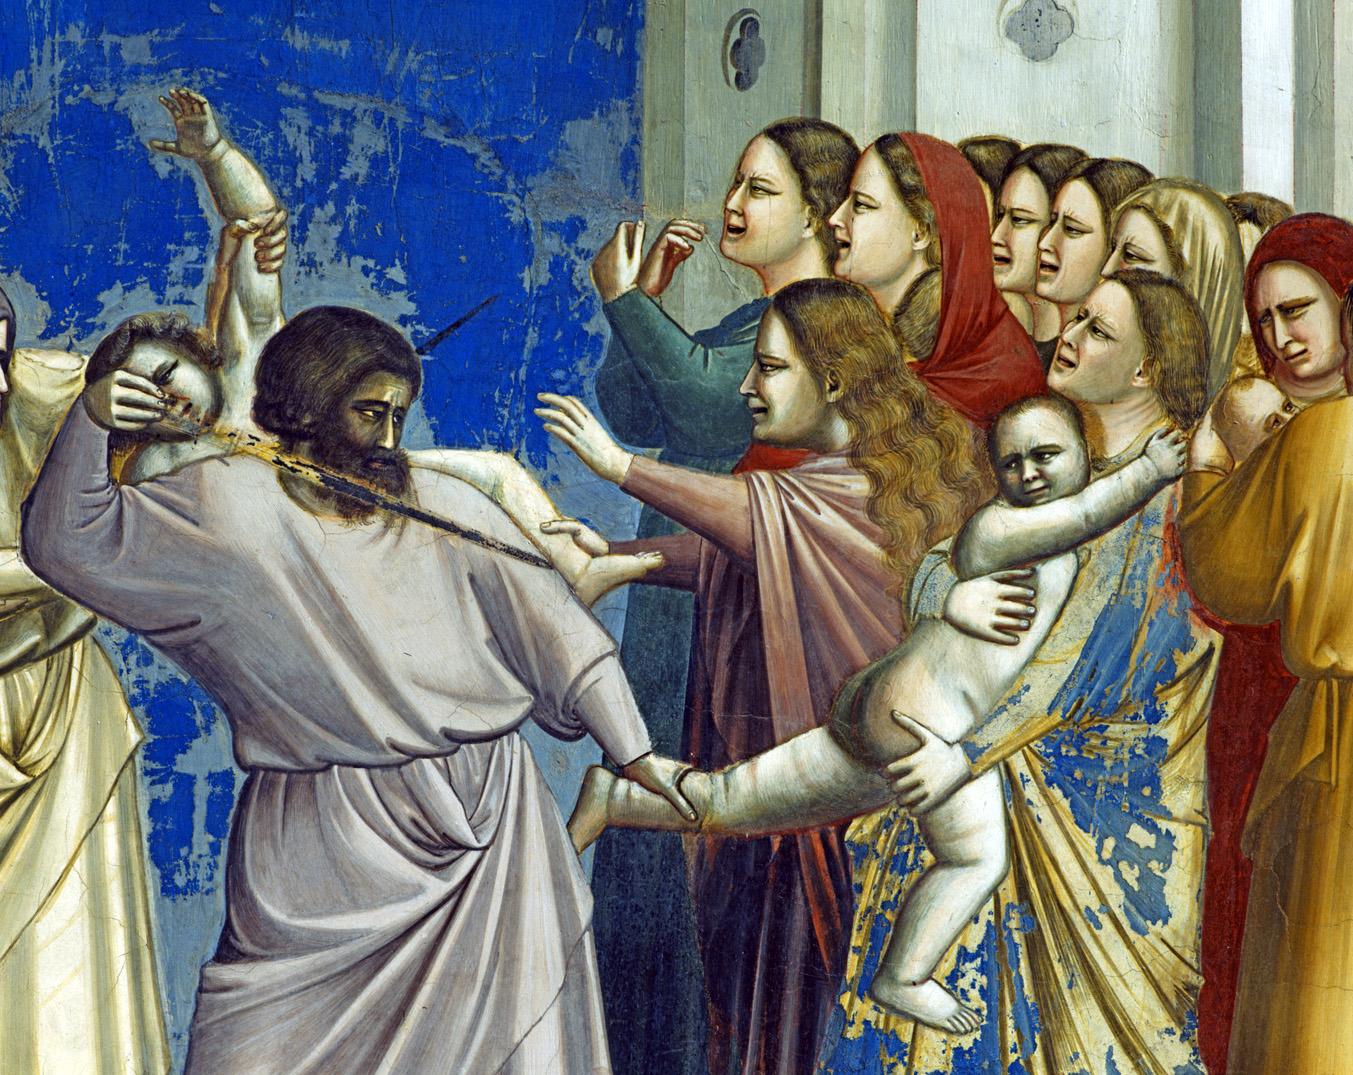 Massacre of the Innocents, by Giotto di Bondone, c. 1305